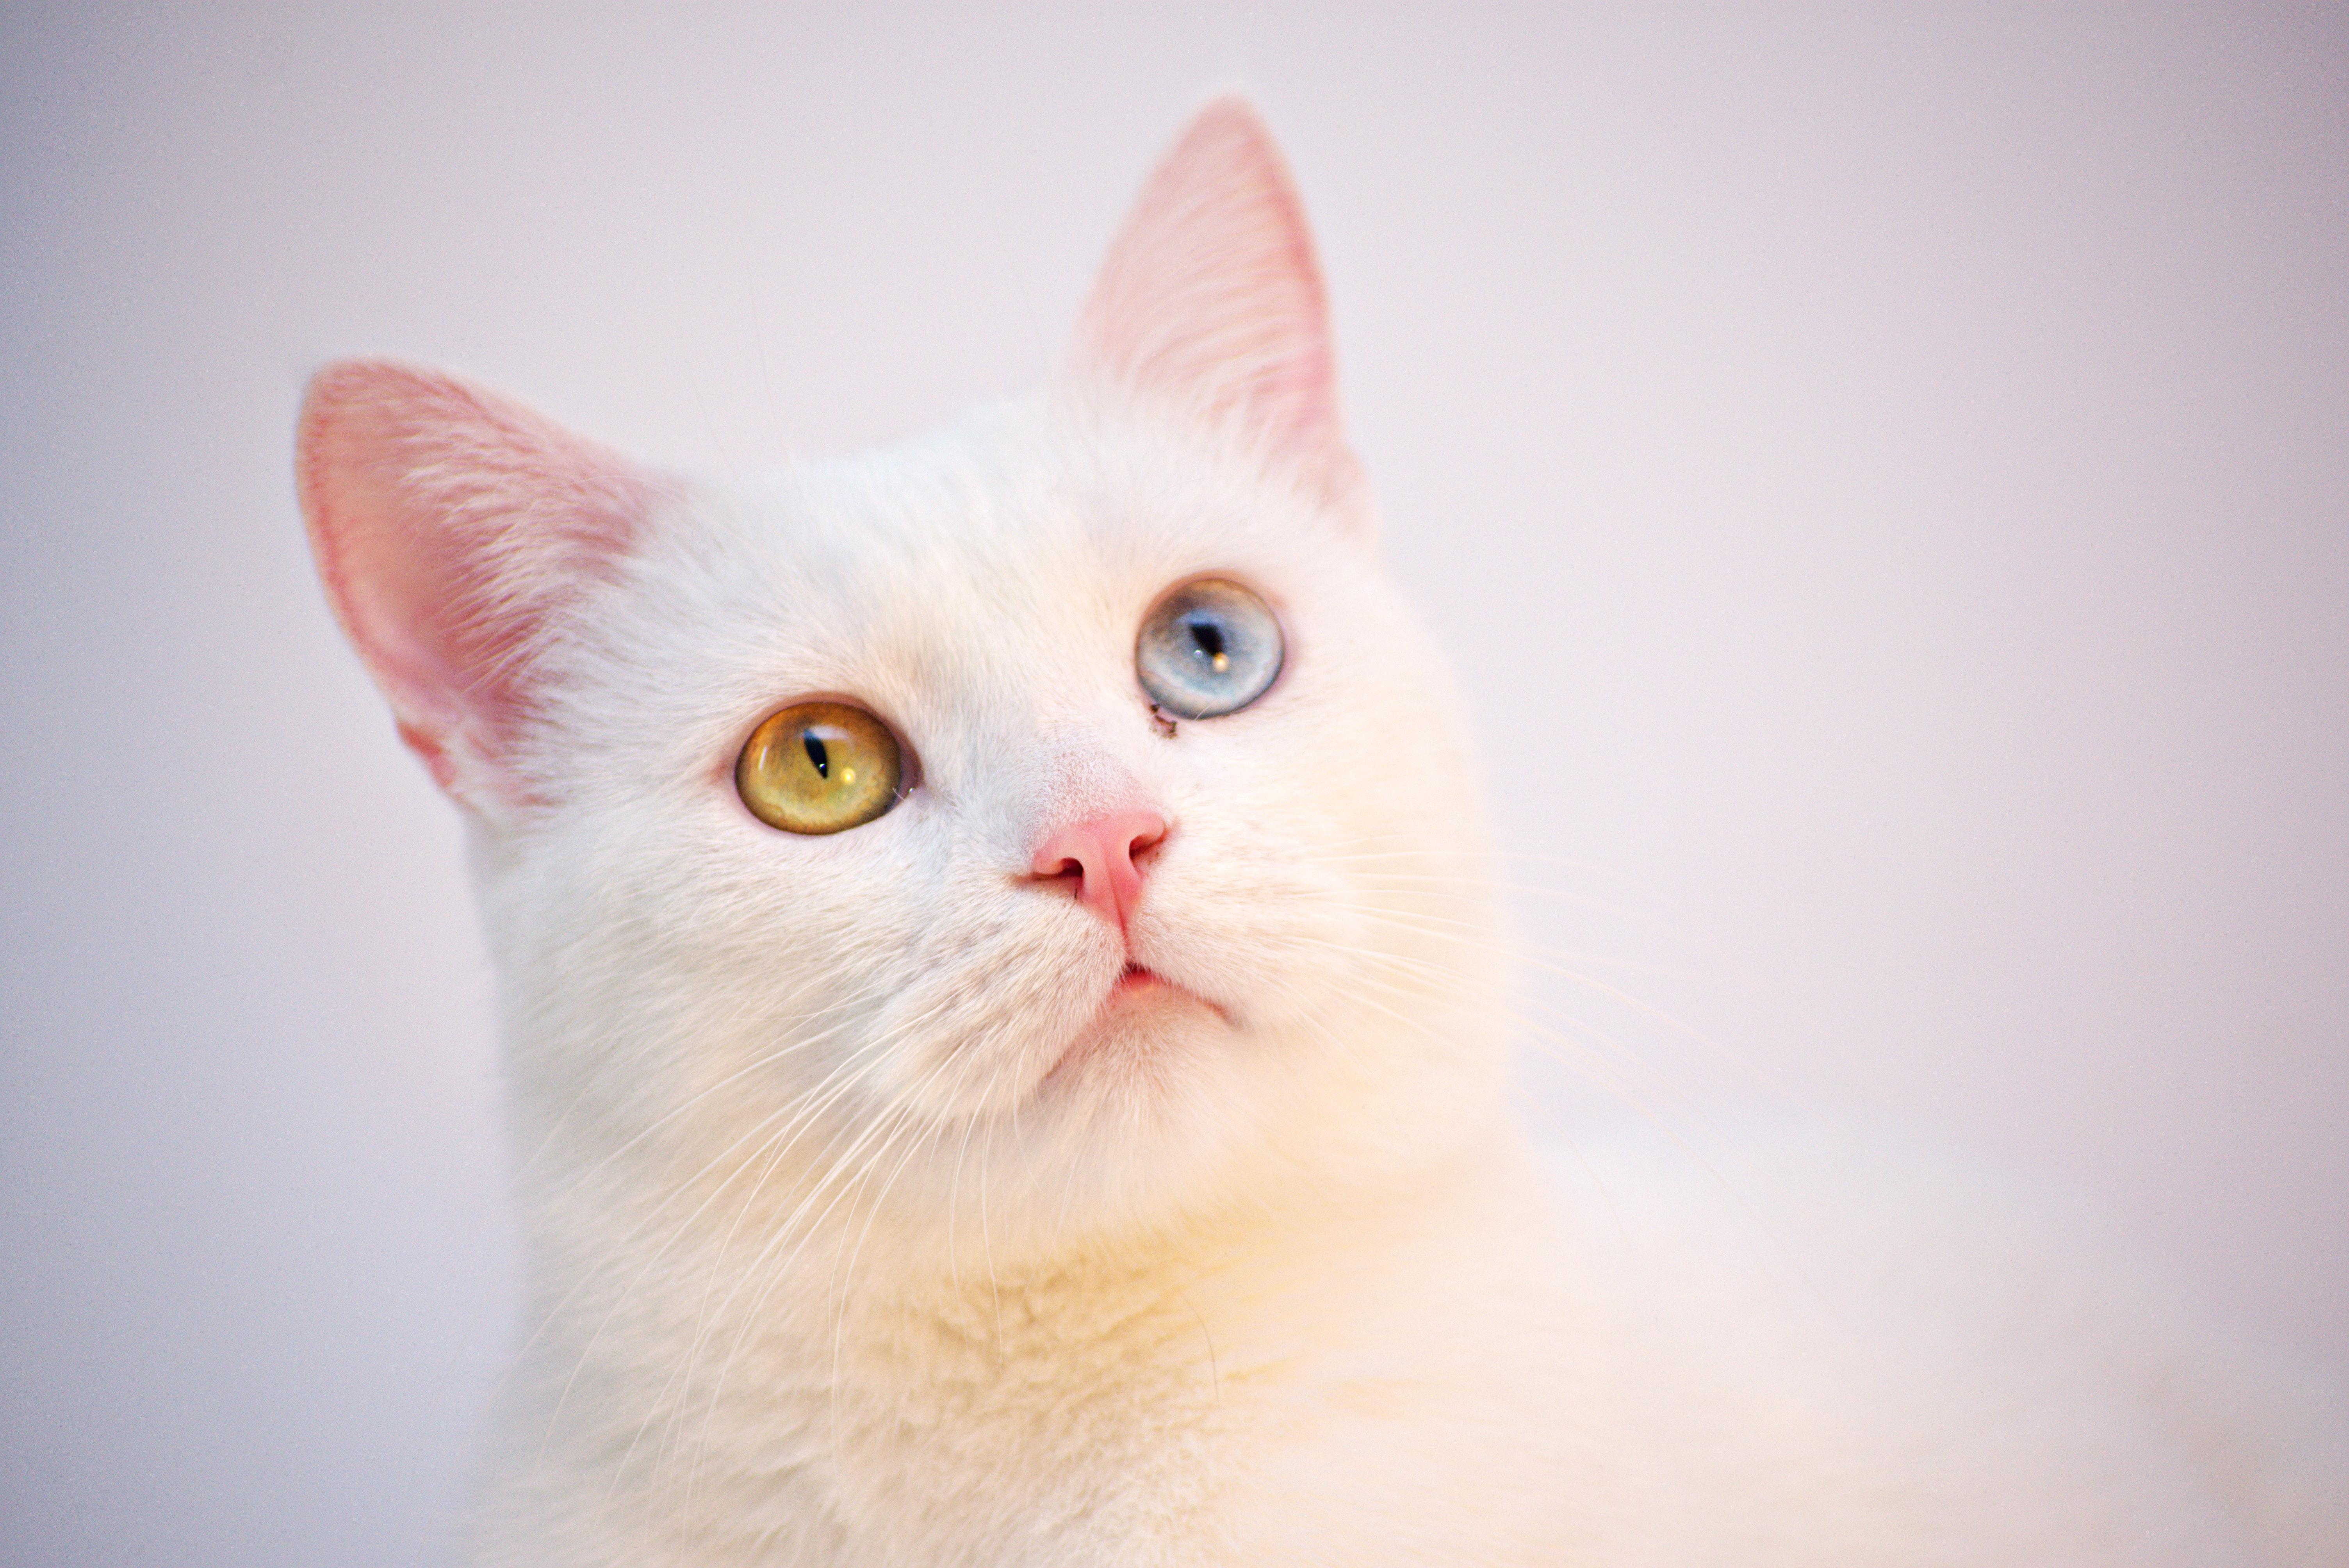 pexels dids 1302290 - Check-up em gatos para prevenira Doença Renal Crônica